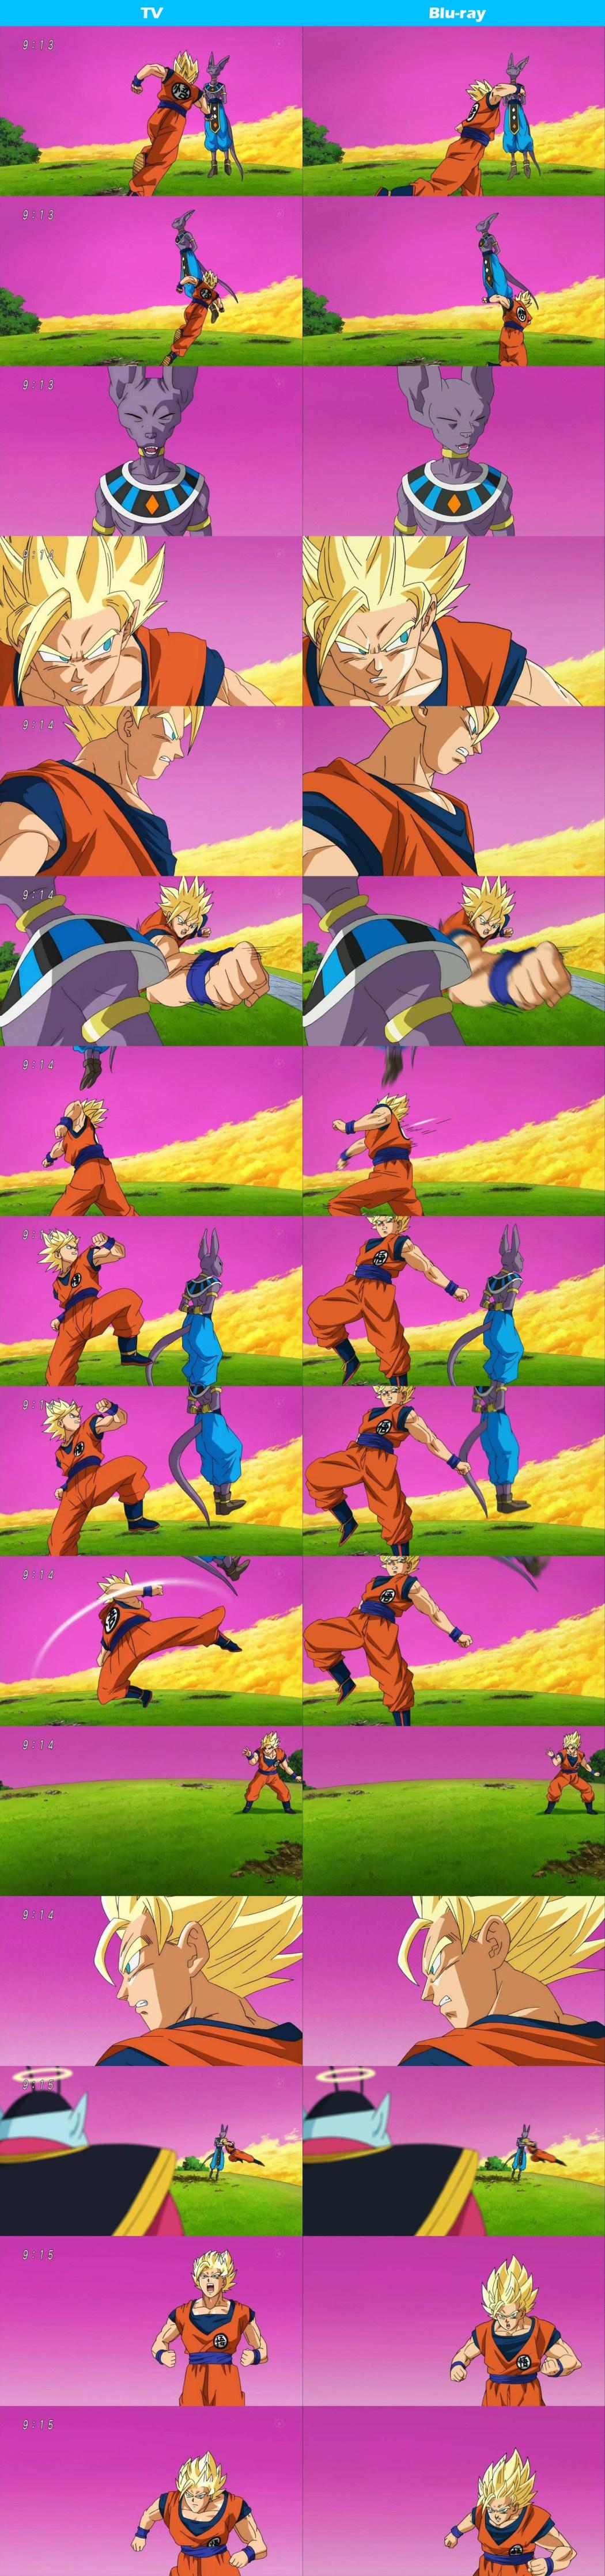 Dragon-Ball-Super-TV-Anime-and-Blu-Ray-Comparison-2